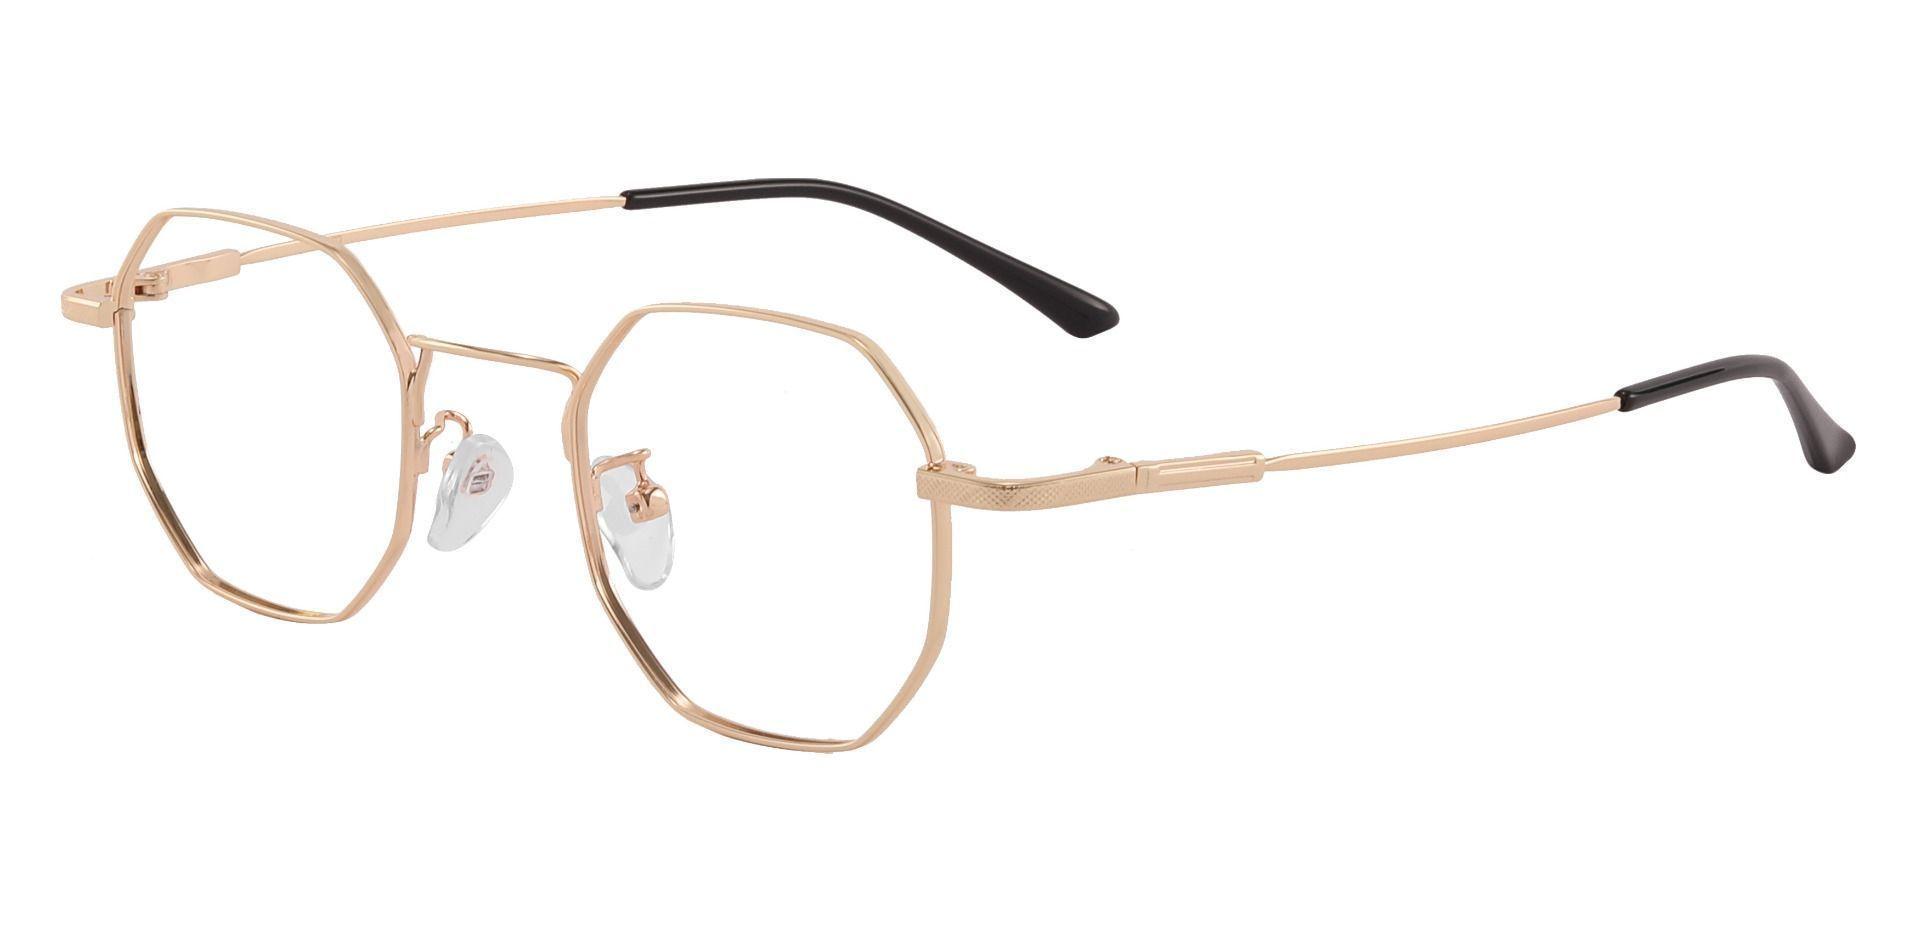 Belgrade Geometric Prescription Glasses - Gold